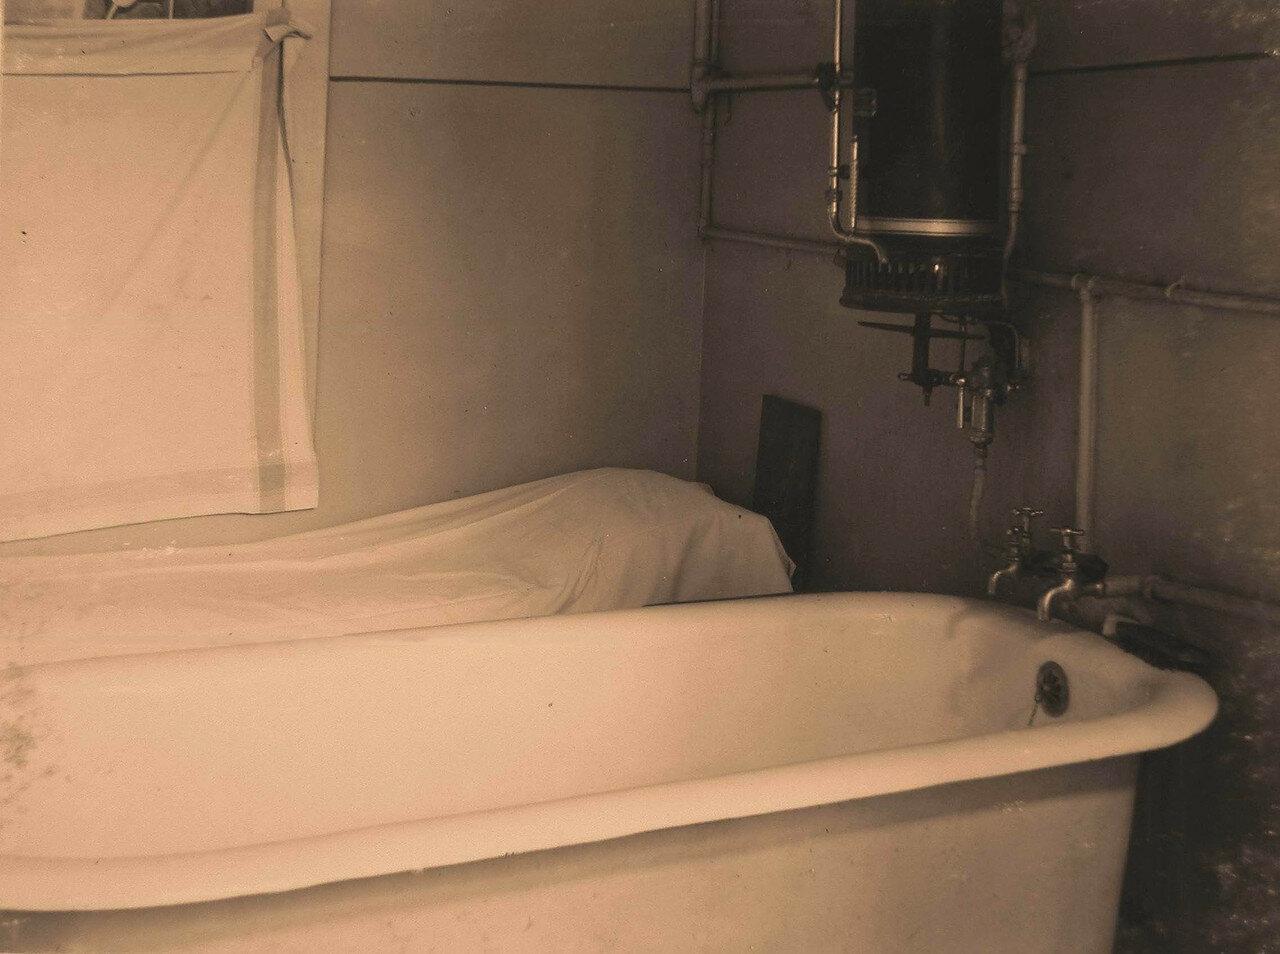 27. Вид части ванной комнаты с газовым нагревателем